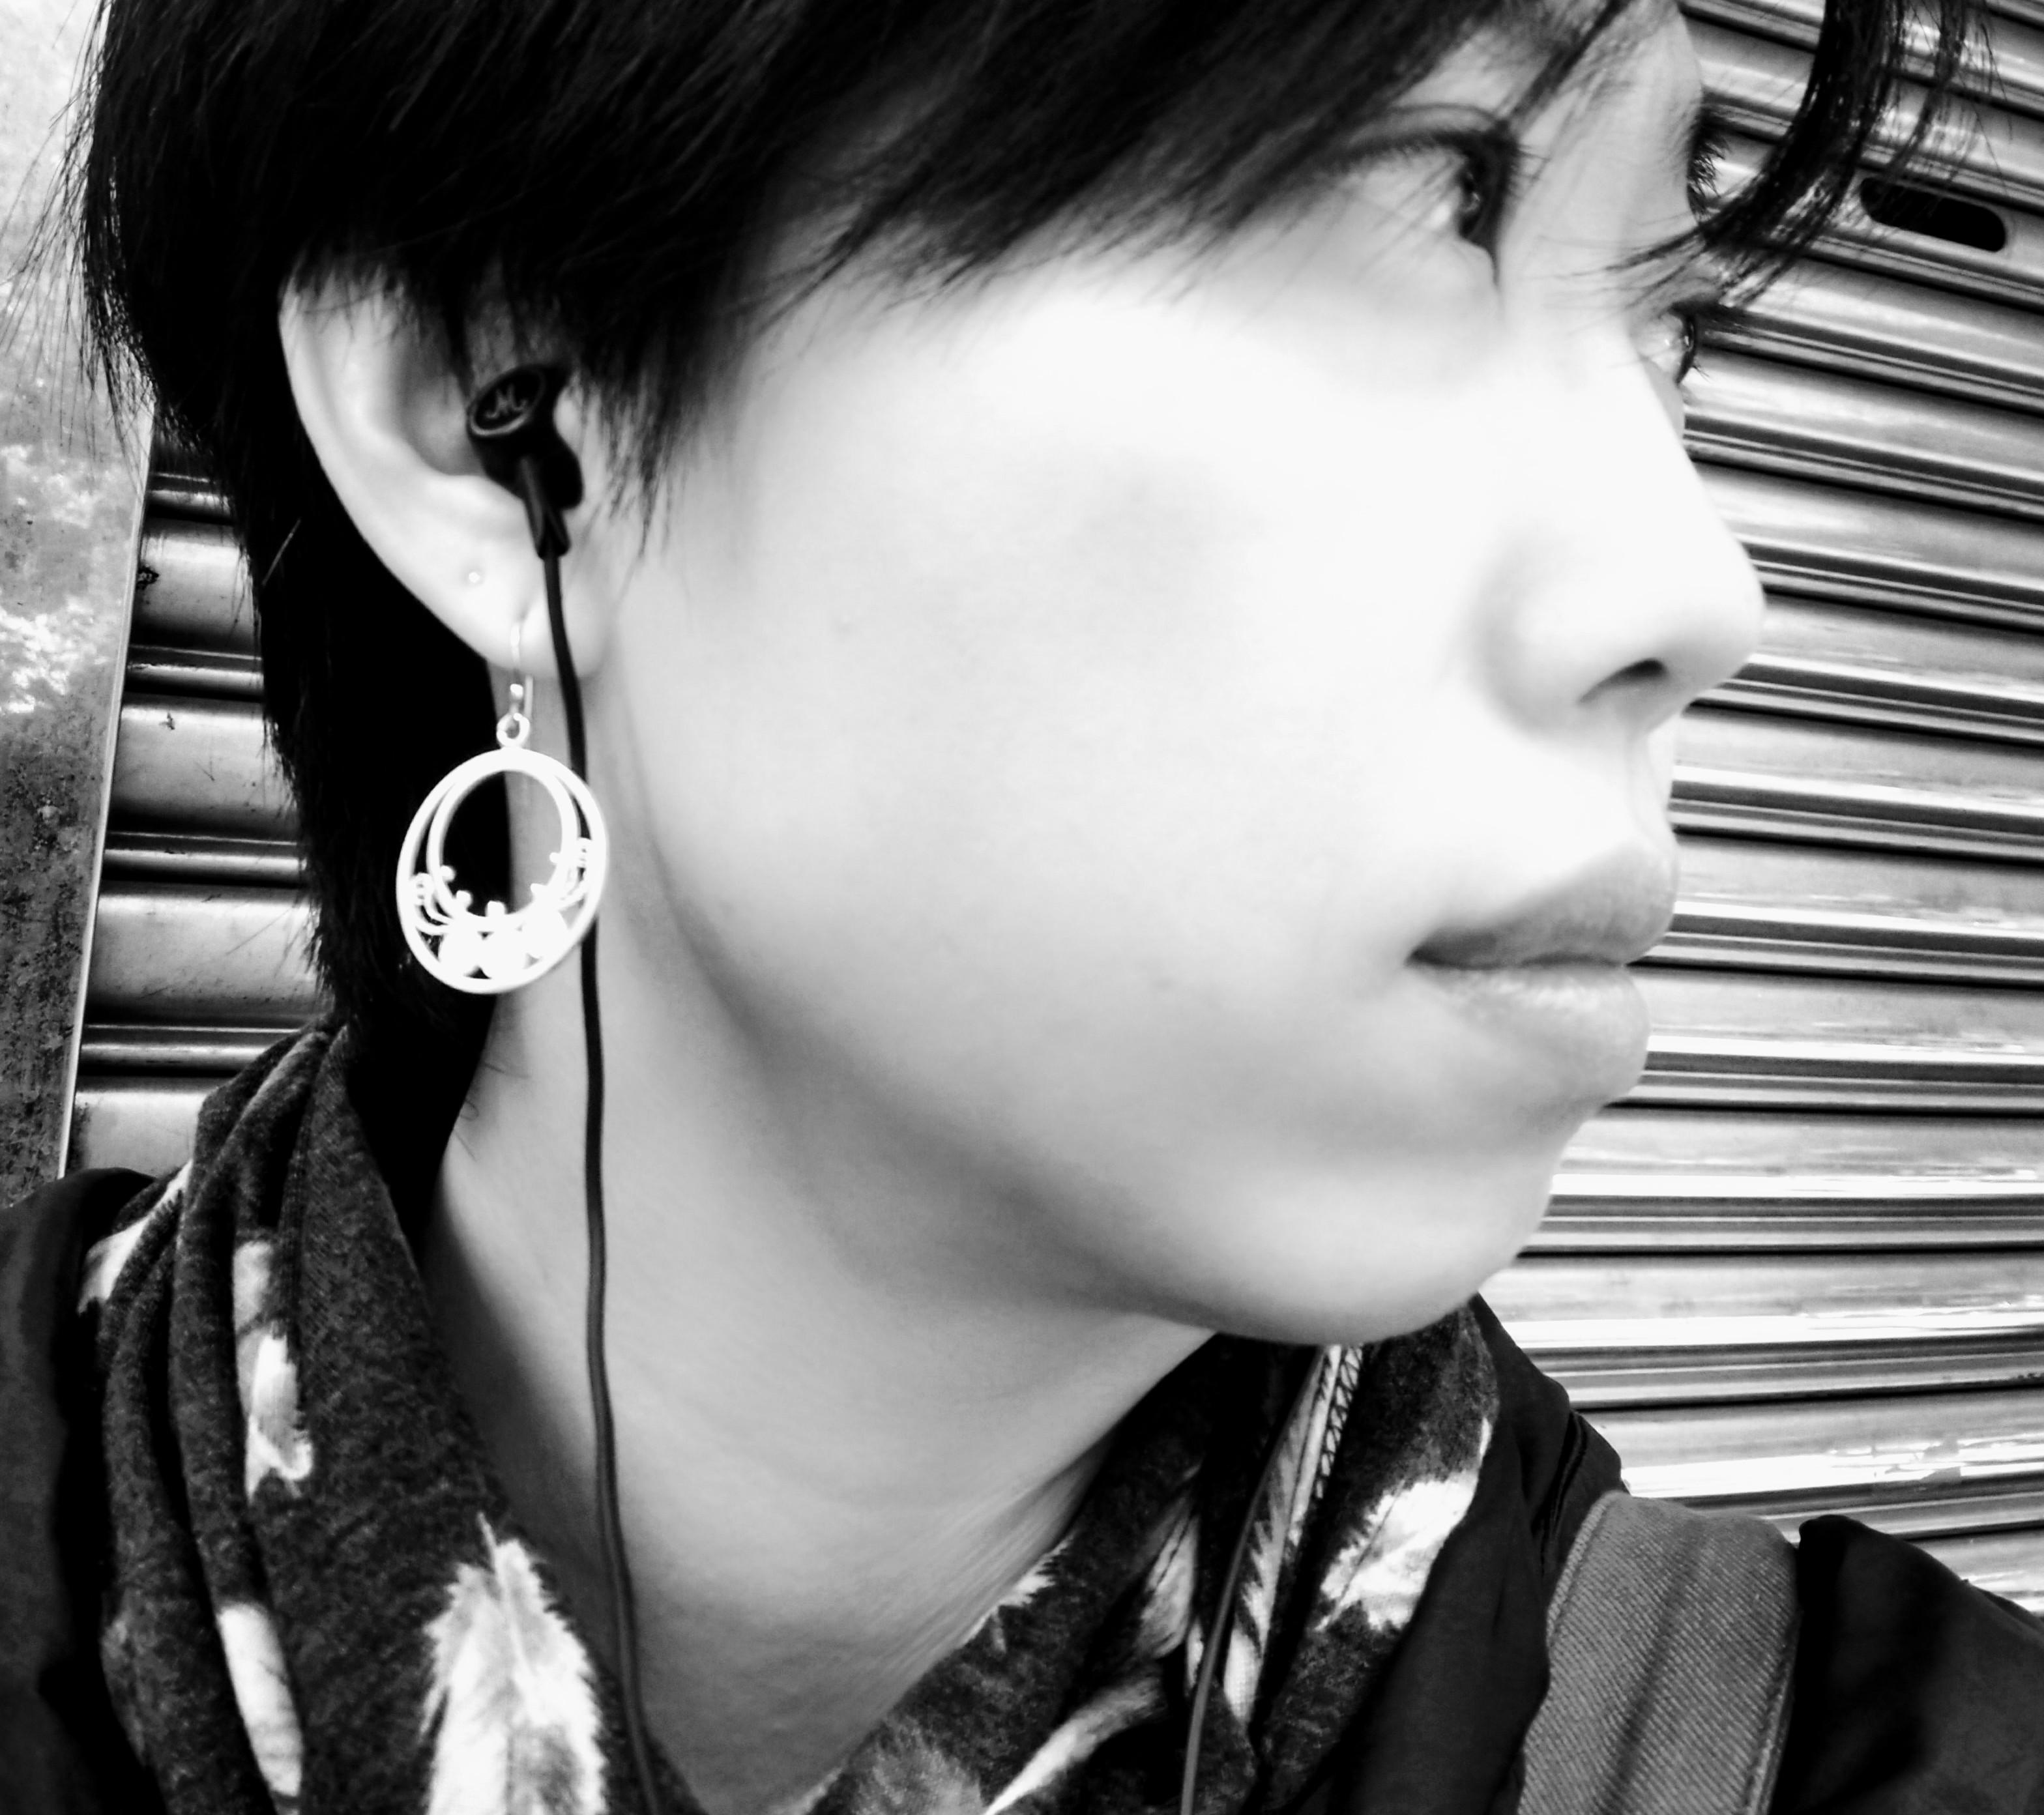 纍絲 Filigree 掐絲純銀手工耳環 一對